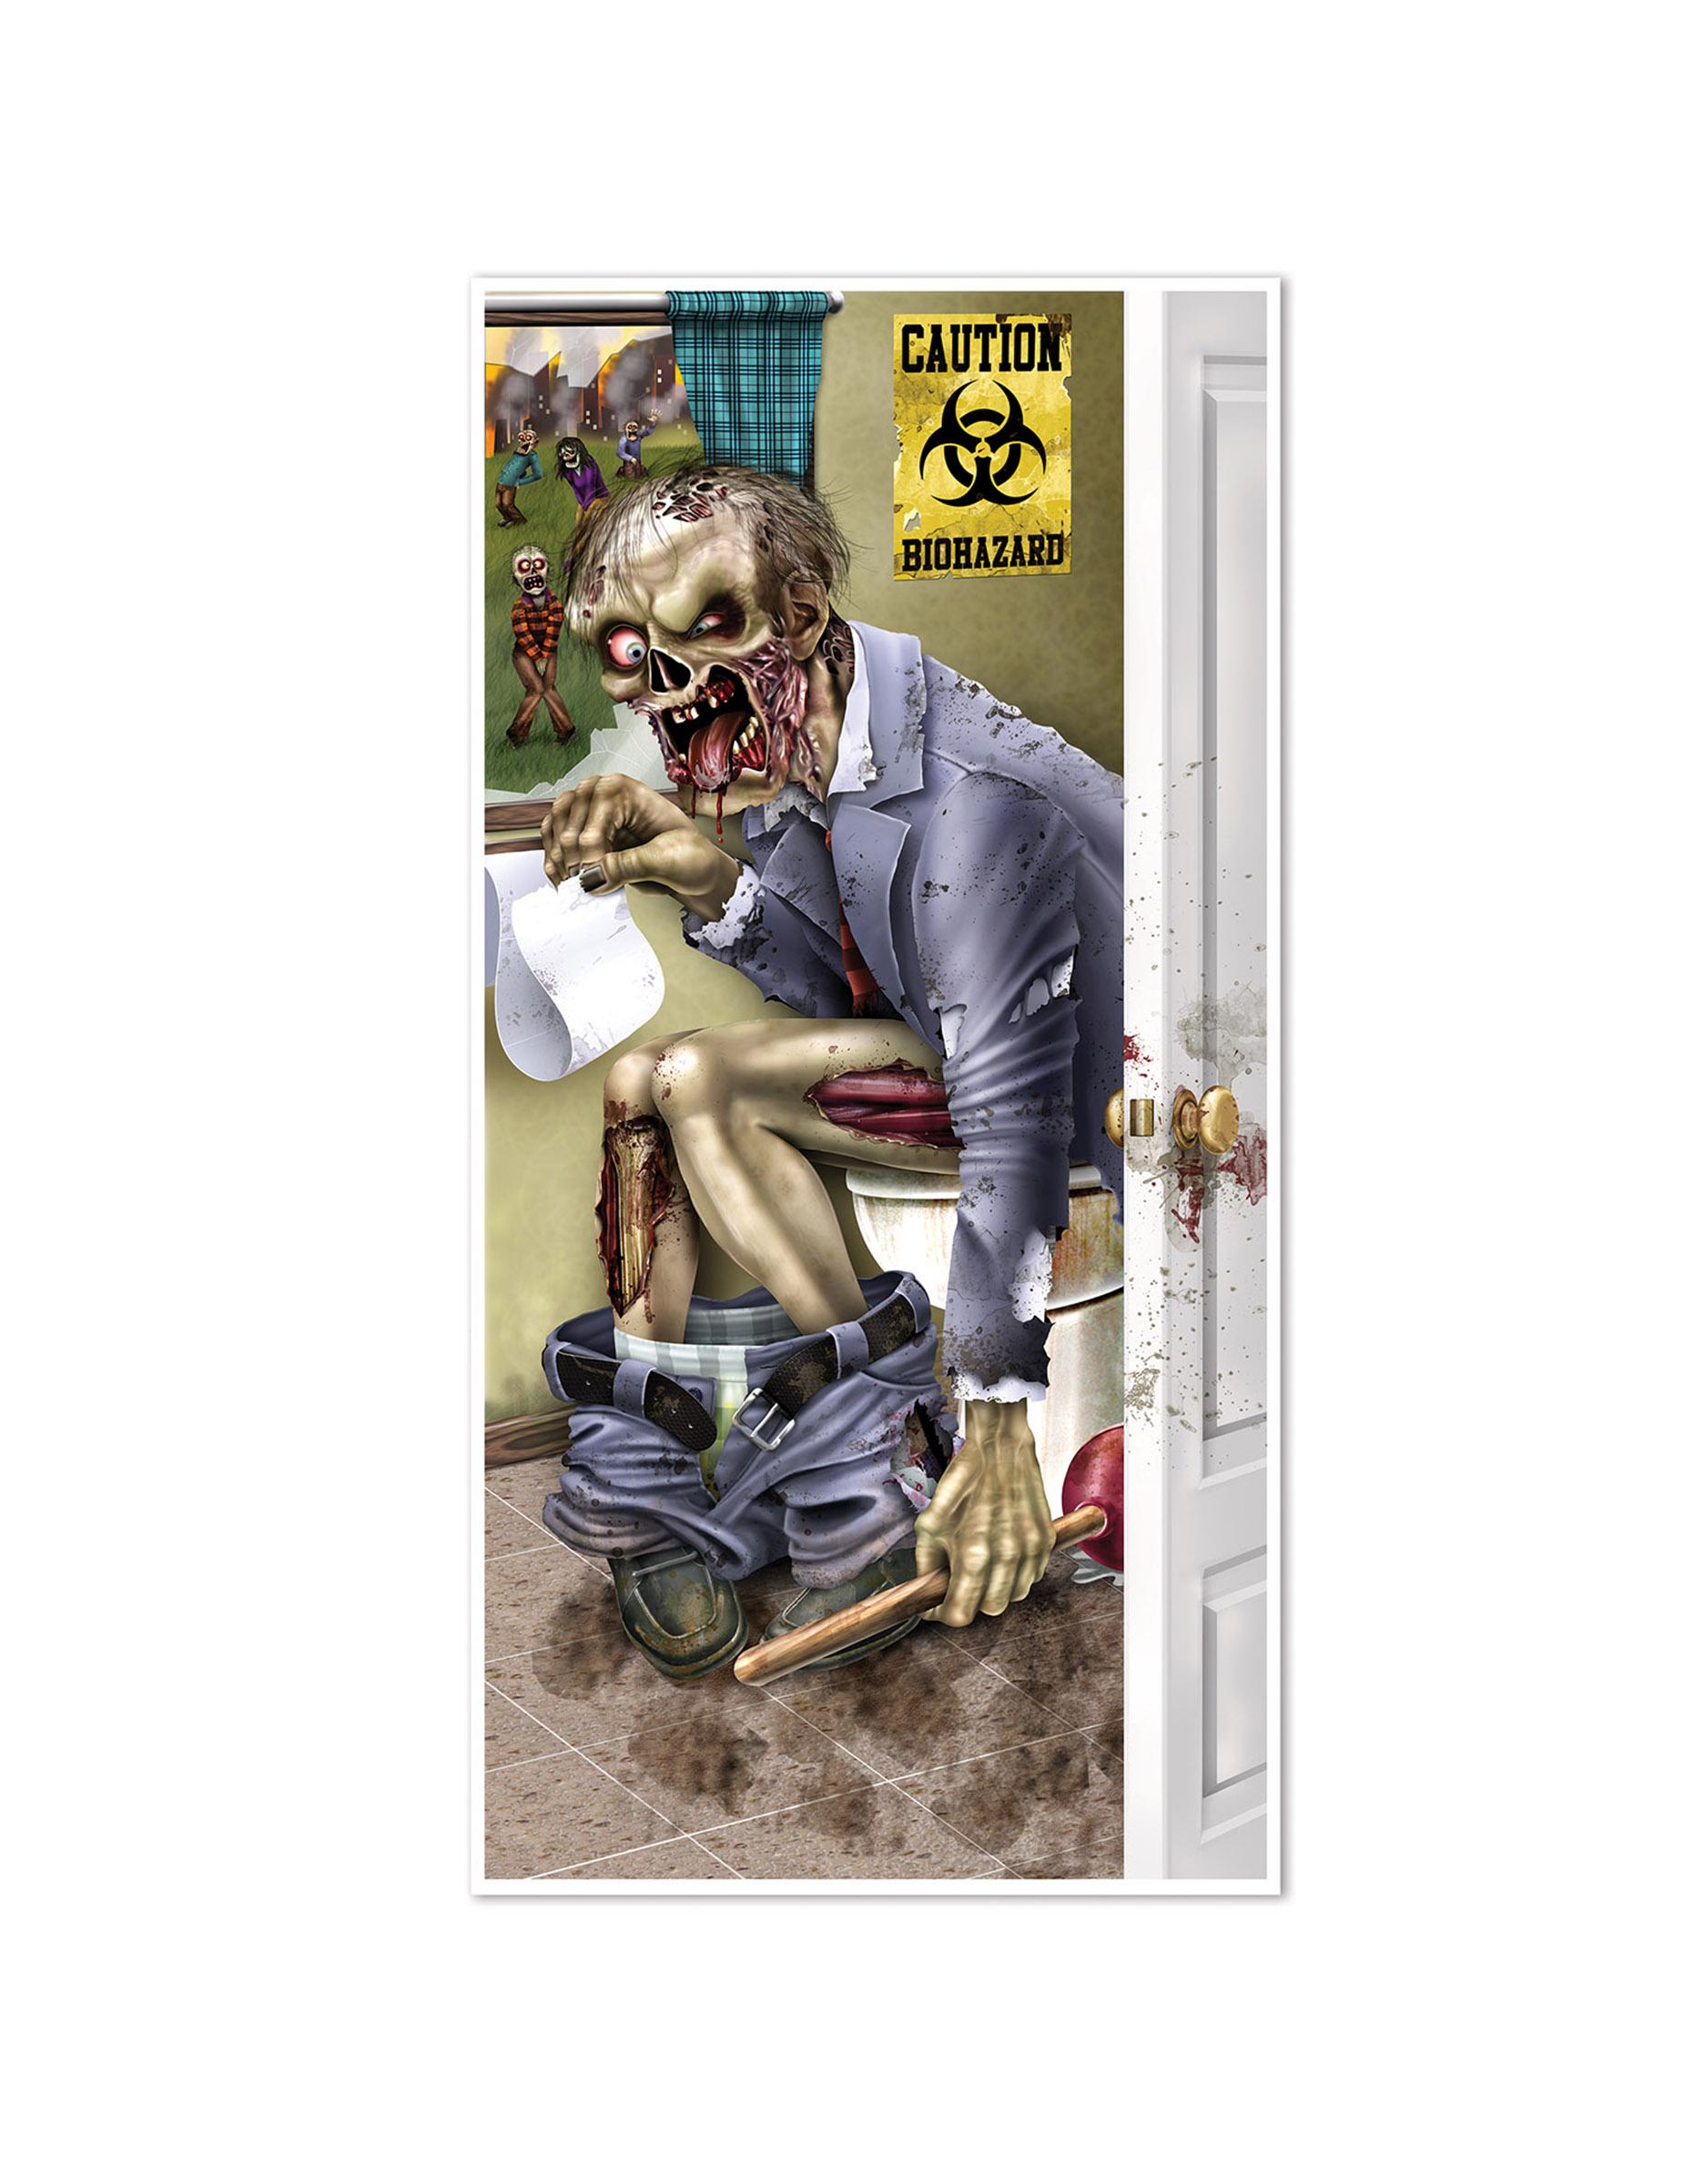 d coration de porte zombie aux toilettes halloween d coration anniversaire et f tes th me sur. Black Bedroom Furniture Sets. Home Design Ideas